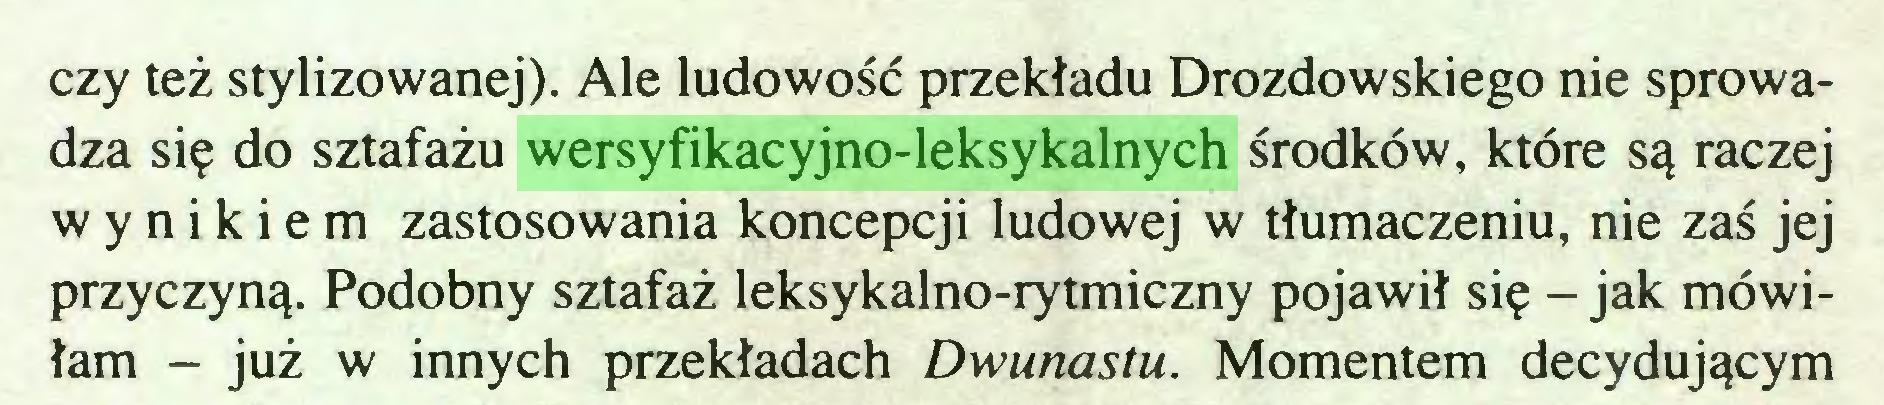 (...) czy też stylizowanej). Ale ludowość przekładu Drozdowskiego nie sprowadza się do sztafażu wersyfikacyjno-leksykalnych środków, które są raczej wynikiem zastosowania koncepcji ludowej w tłumaczeniu, nie zaś jej przyczyną. Podobny sztafaż leksykalno-rytmiczny pojawił się - jak mówiłam - już w innych przekładach Dwunastu. Momentem decydującym...